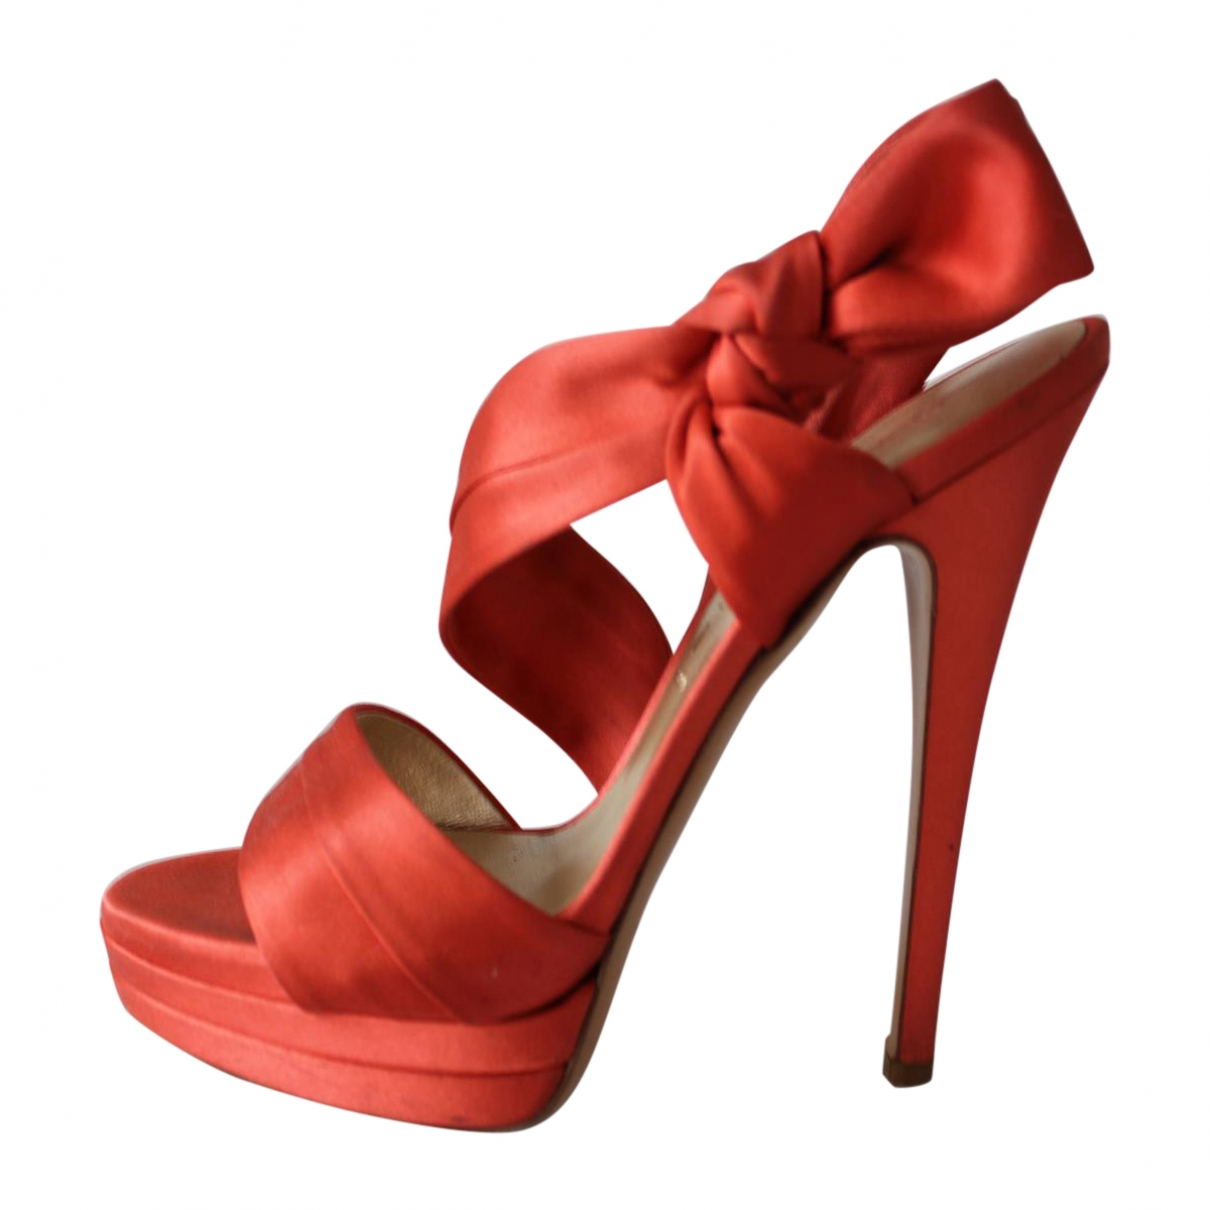 Sandalias de Lona Casadei